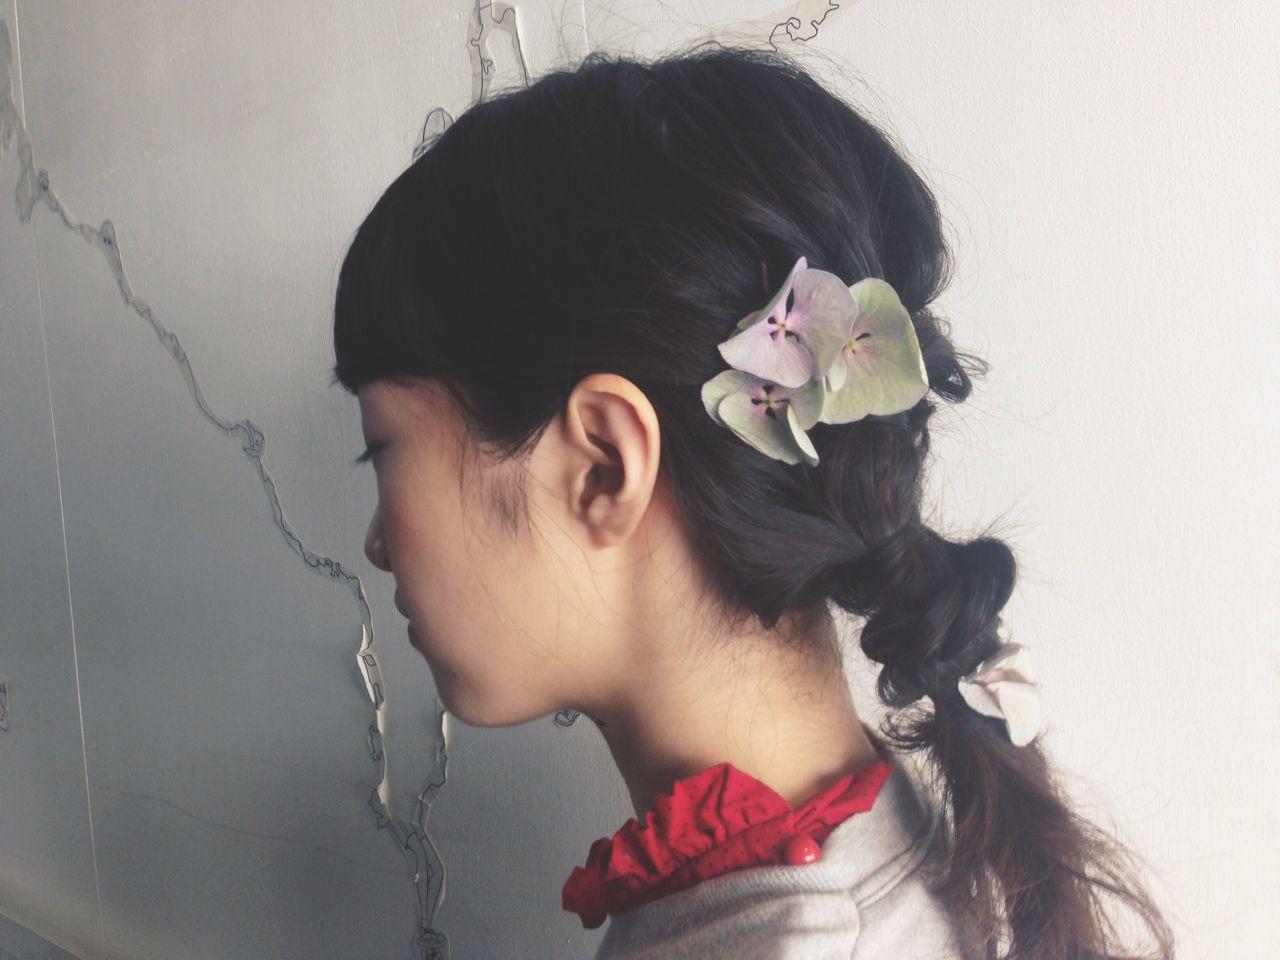 ヘアアレンジ ミディアム パーマ ヘアスタイルや髪型の写真・画像